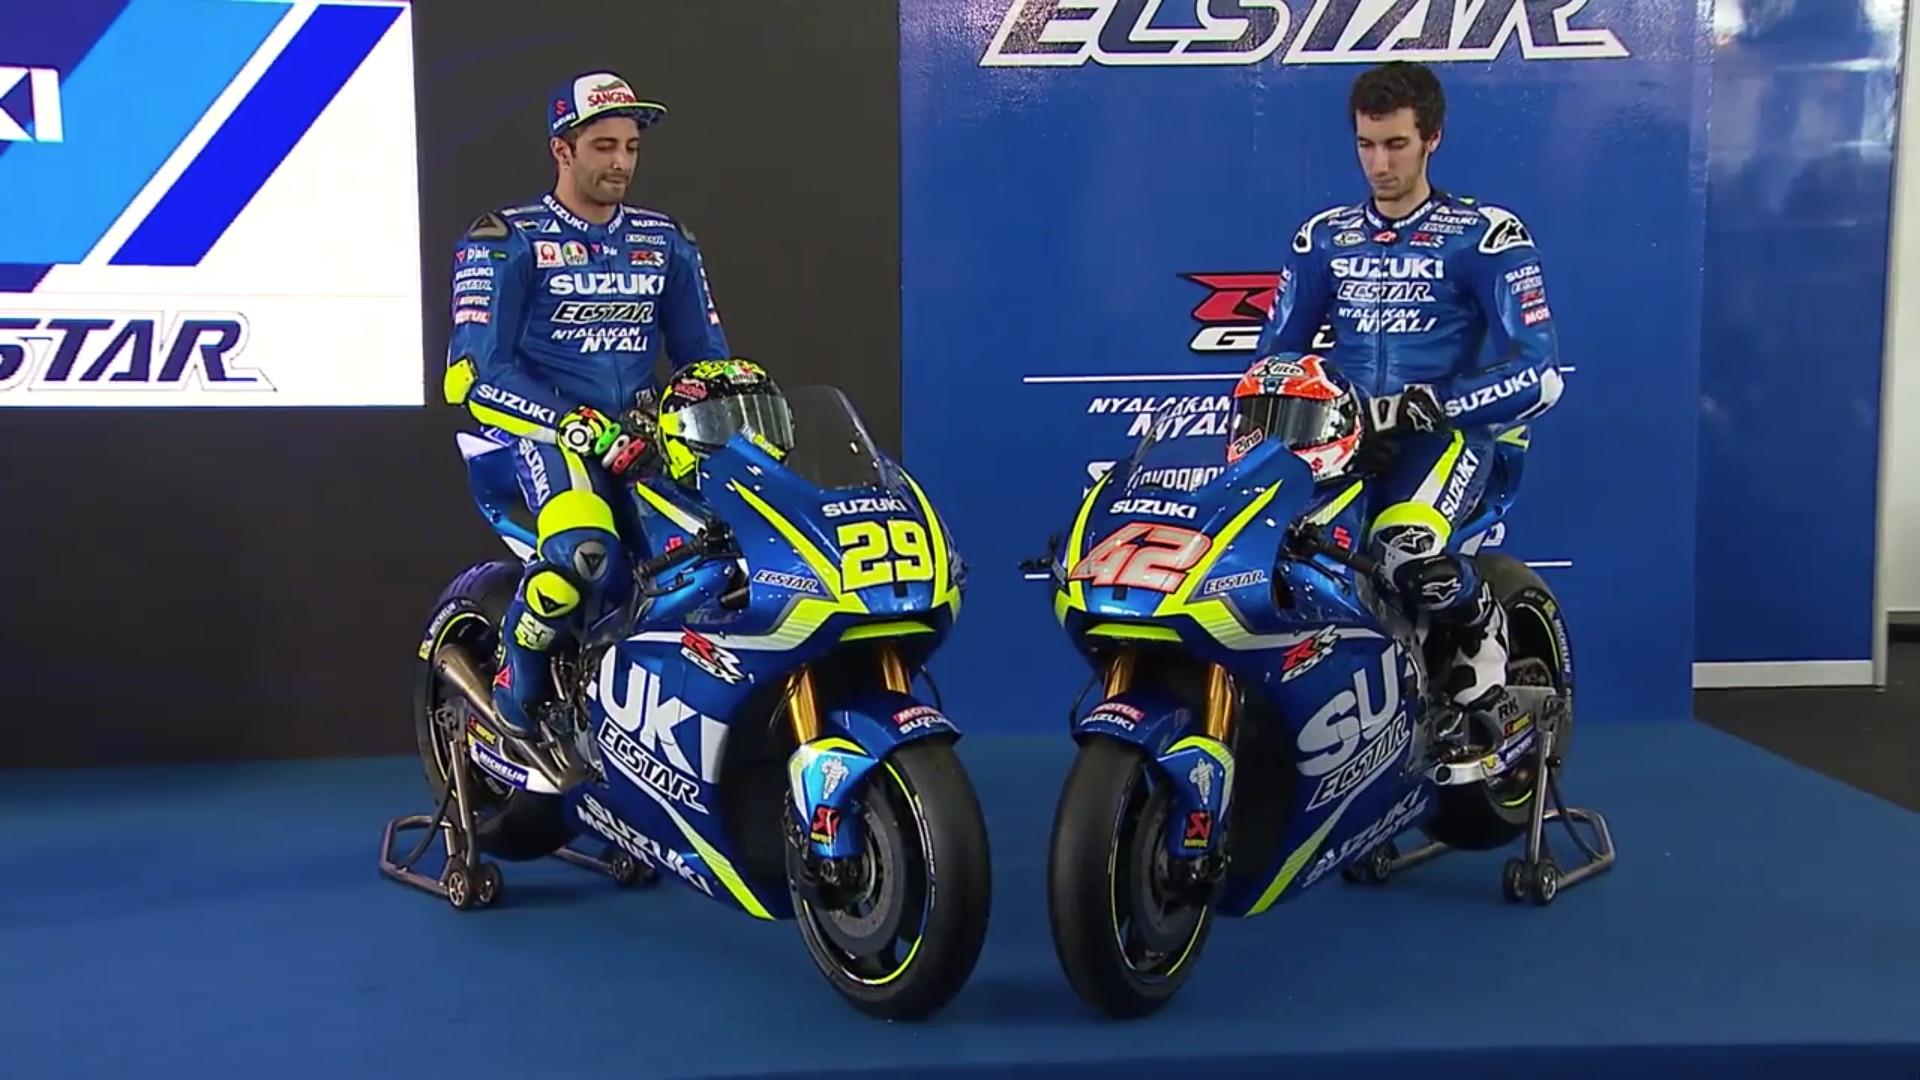 Presentación Suzuki MotoGP 2017 con Andrea Iannone y Álex Rins